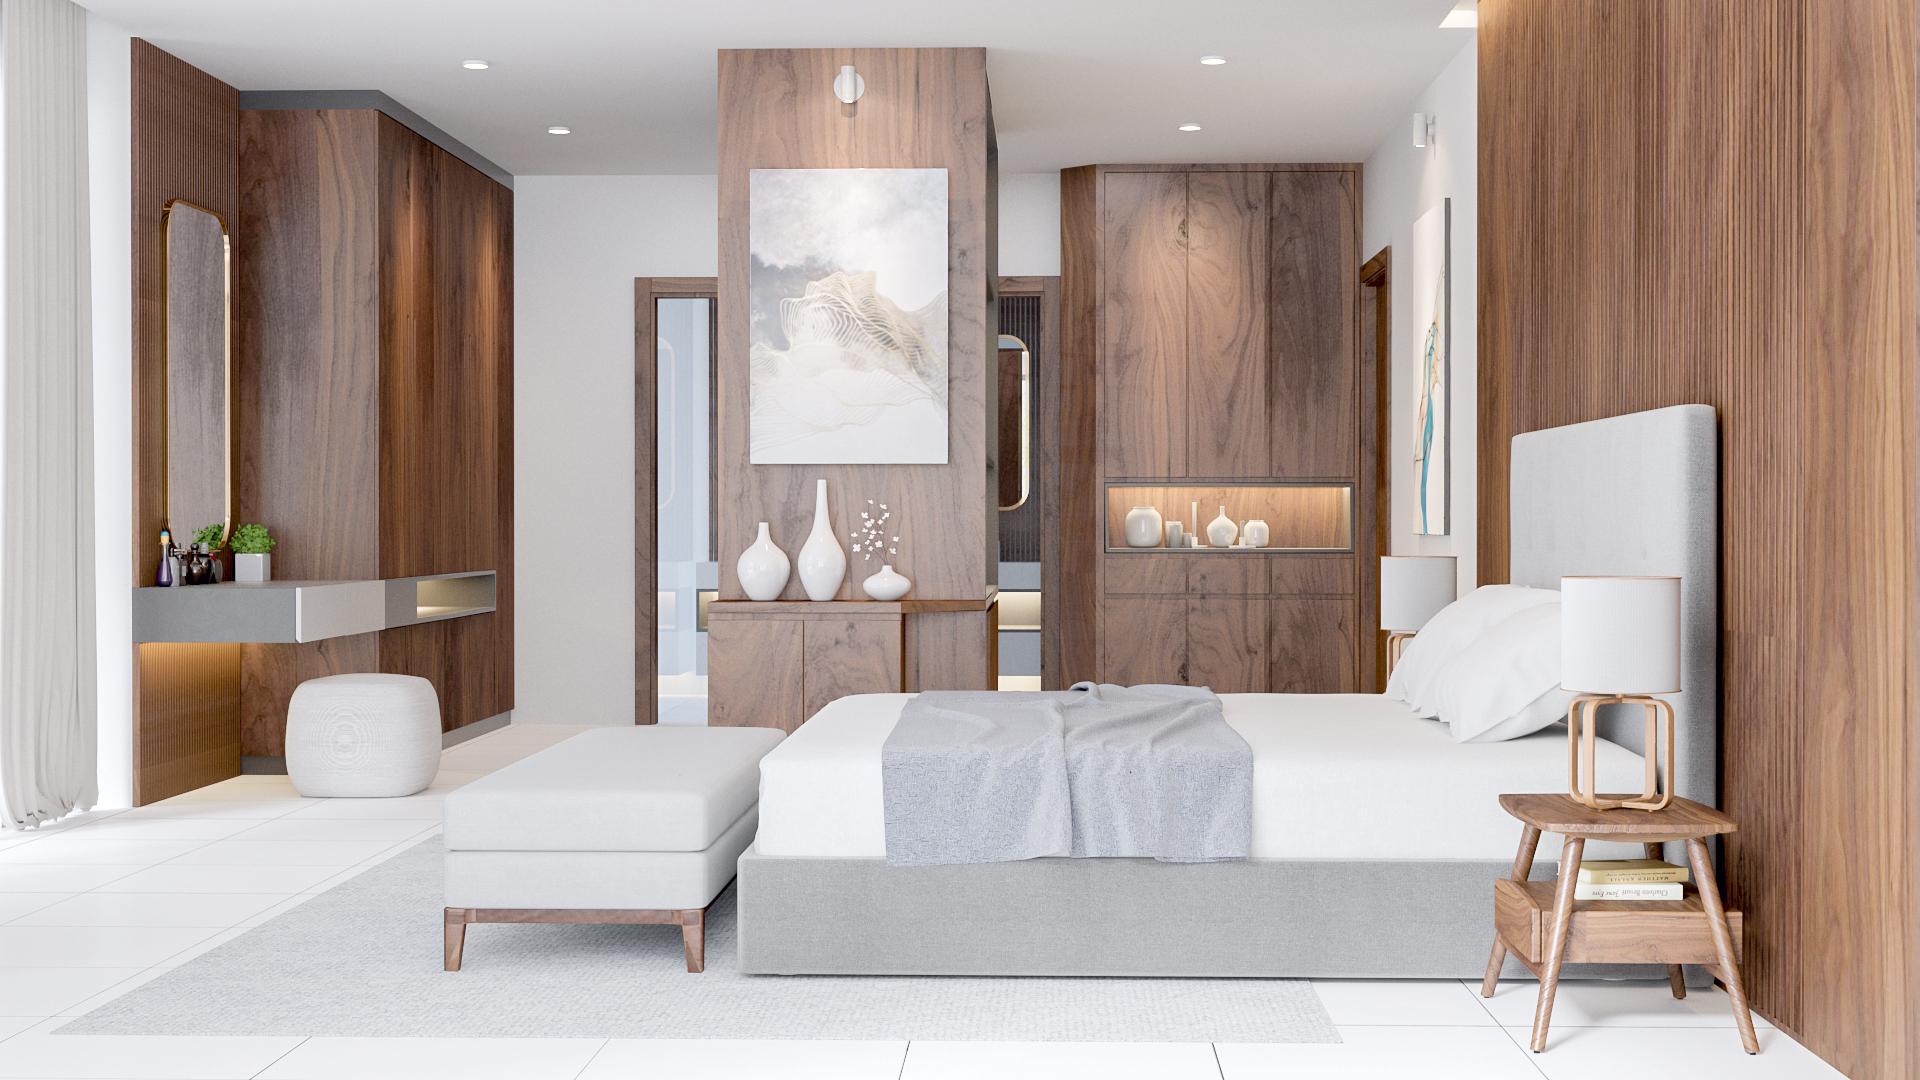 Thiết kế phòng ngủ Biệt thự đẹp, sang trọng, sử dụng vật liệu gỗ Óc chó